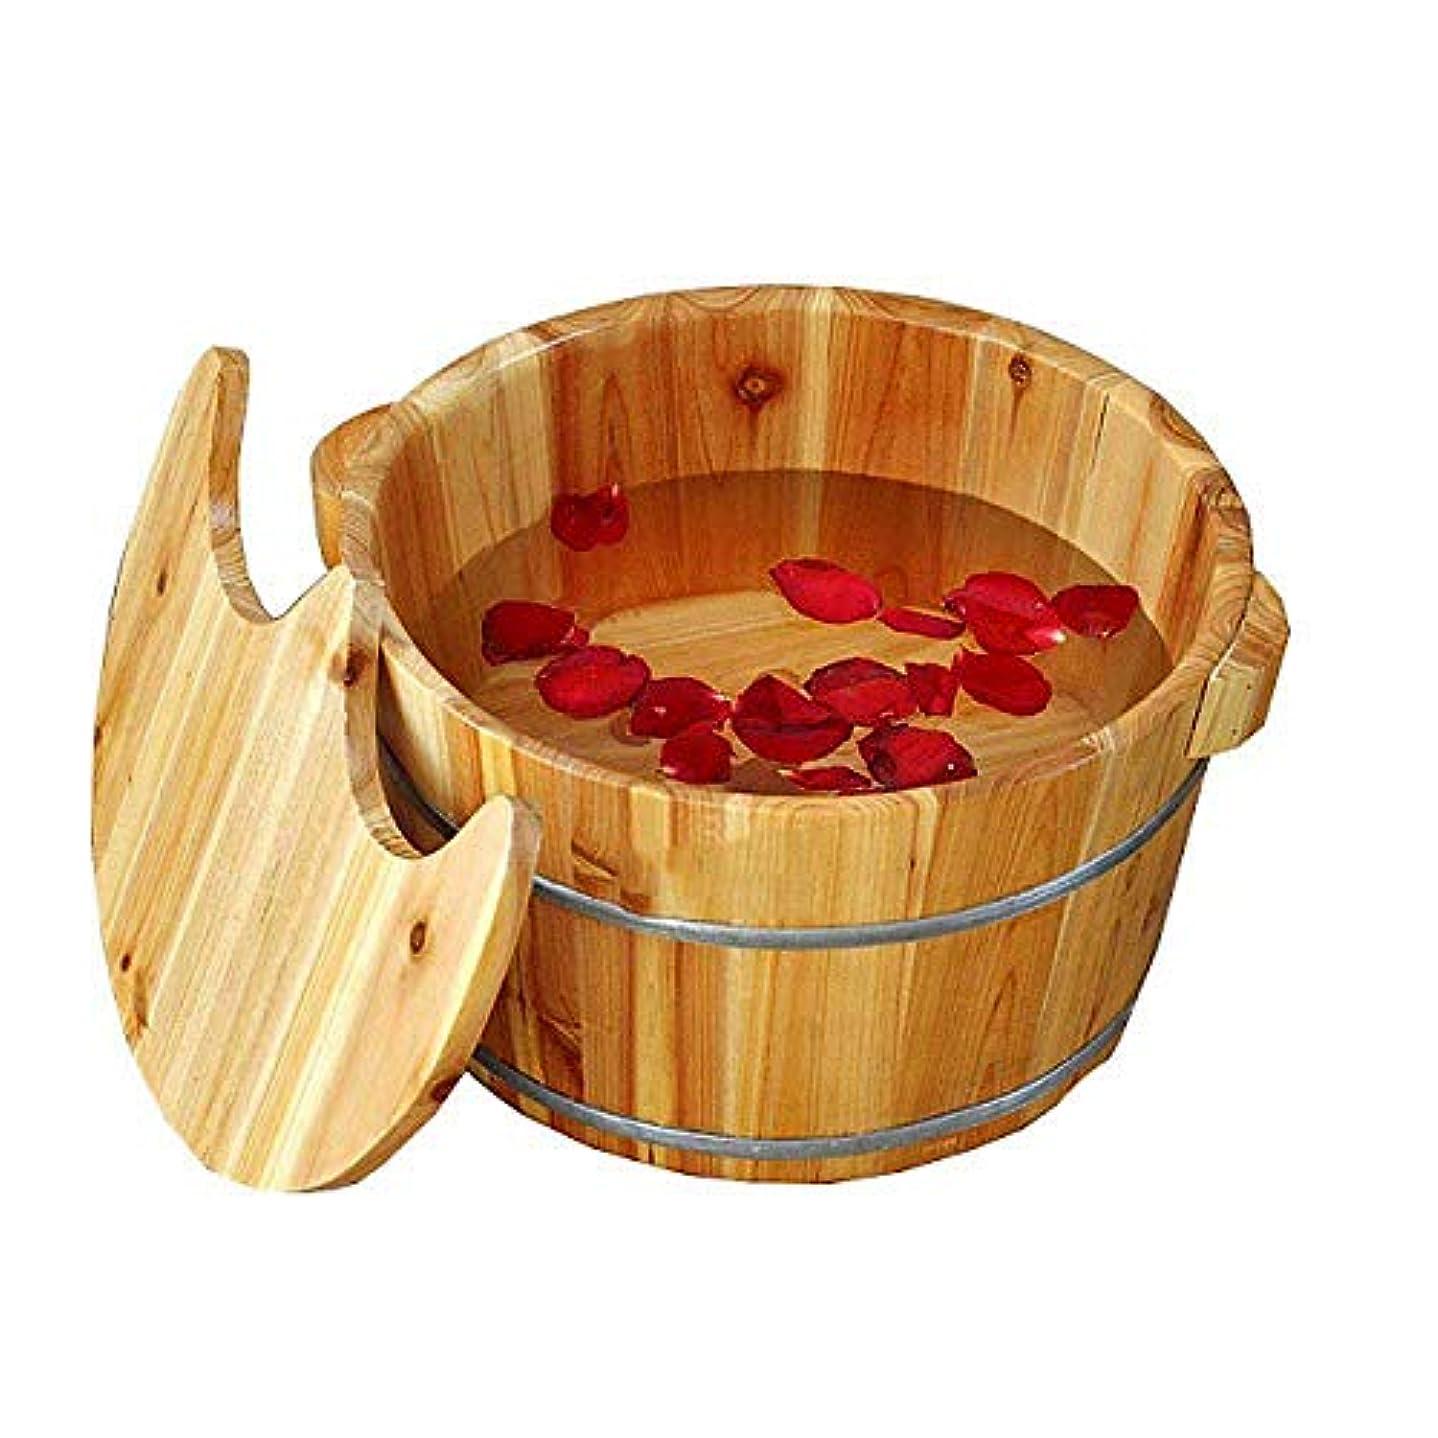 膨張するくぼみ集中的な足浴槽バレル冬軽量竹チューブ加熱水妊婦足洗いバレルペディキュアバレルふた付き足湯